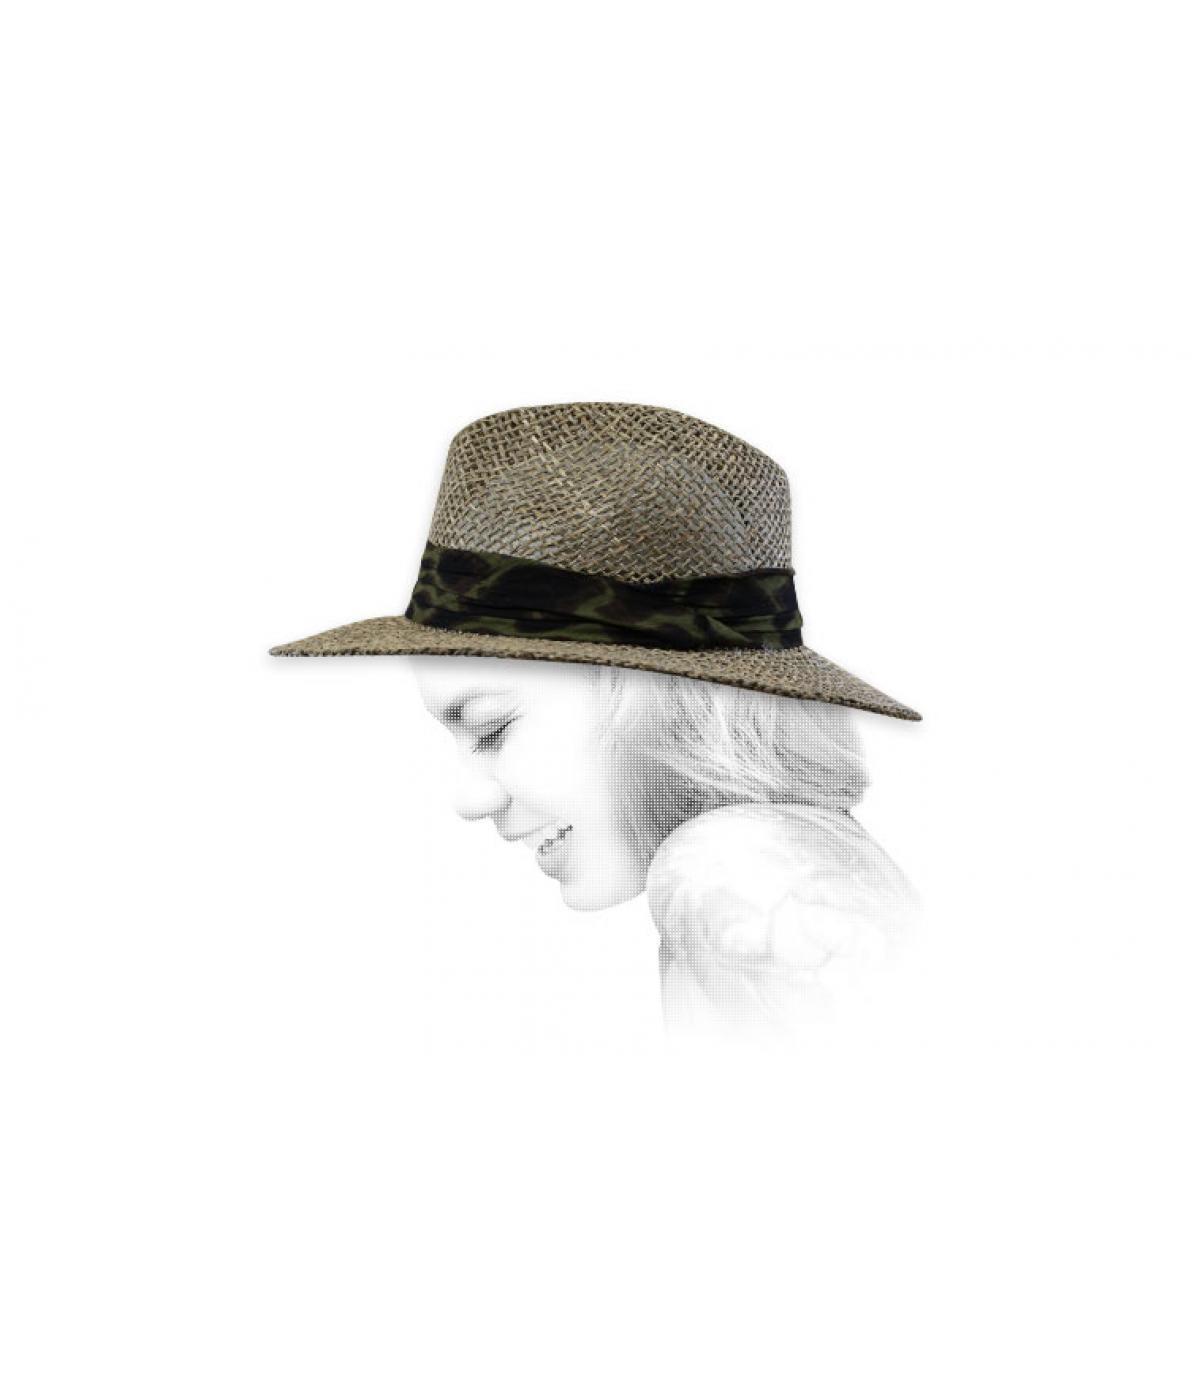 cappello di paglia con treccia stampata